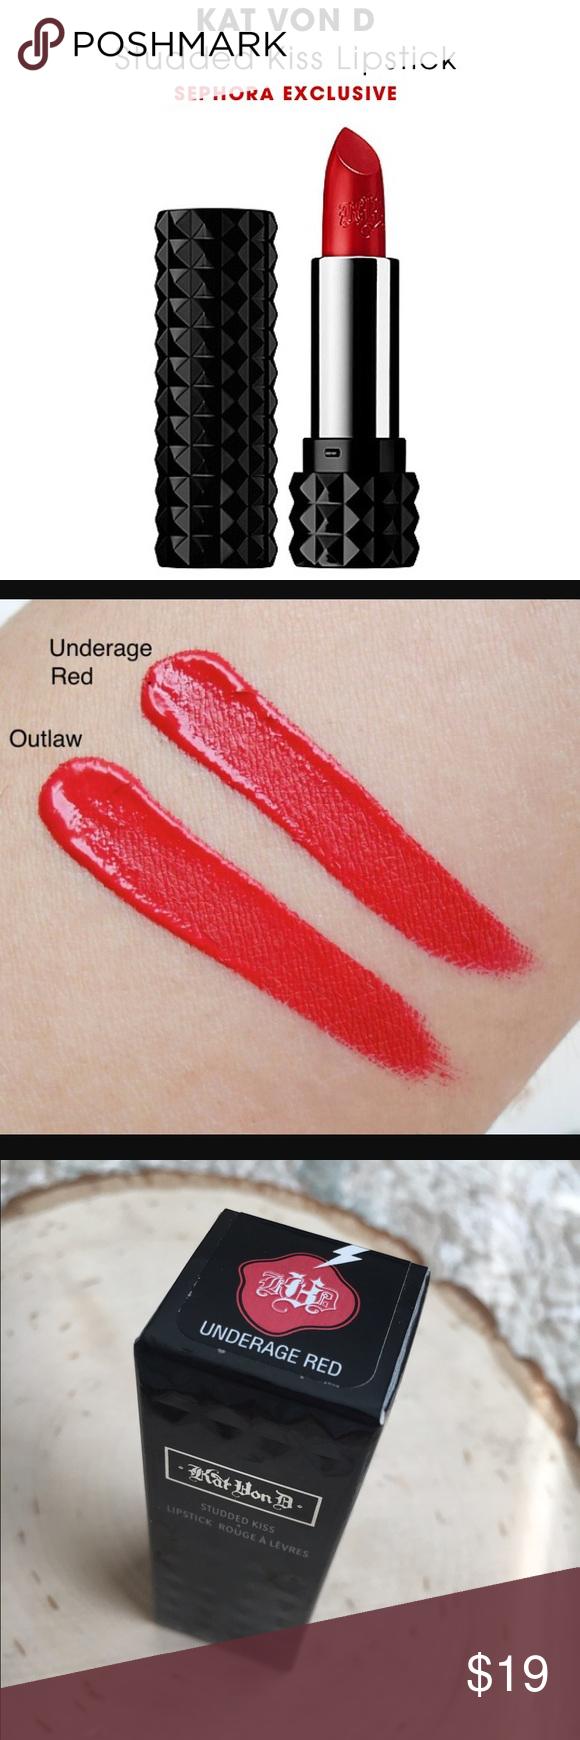 Nwb kat von d underage red studded kiss lipstick! nwt   Kat von ...